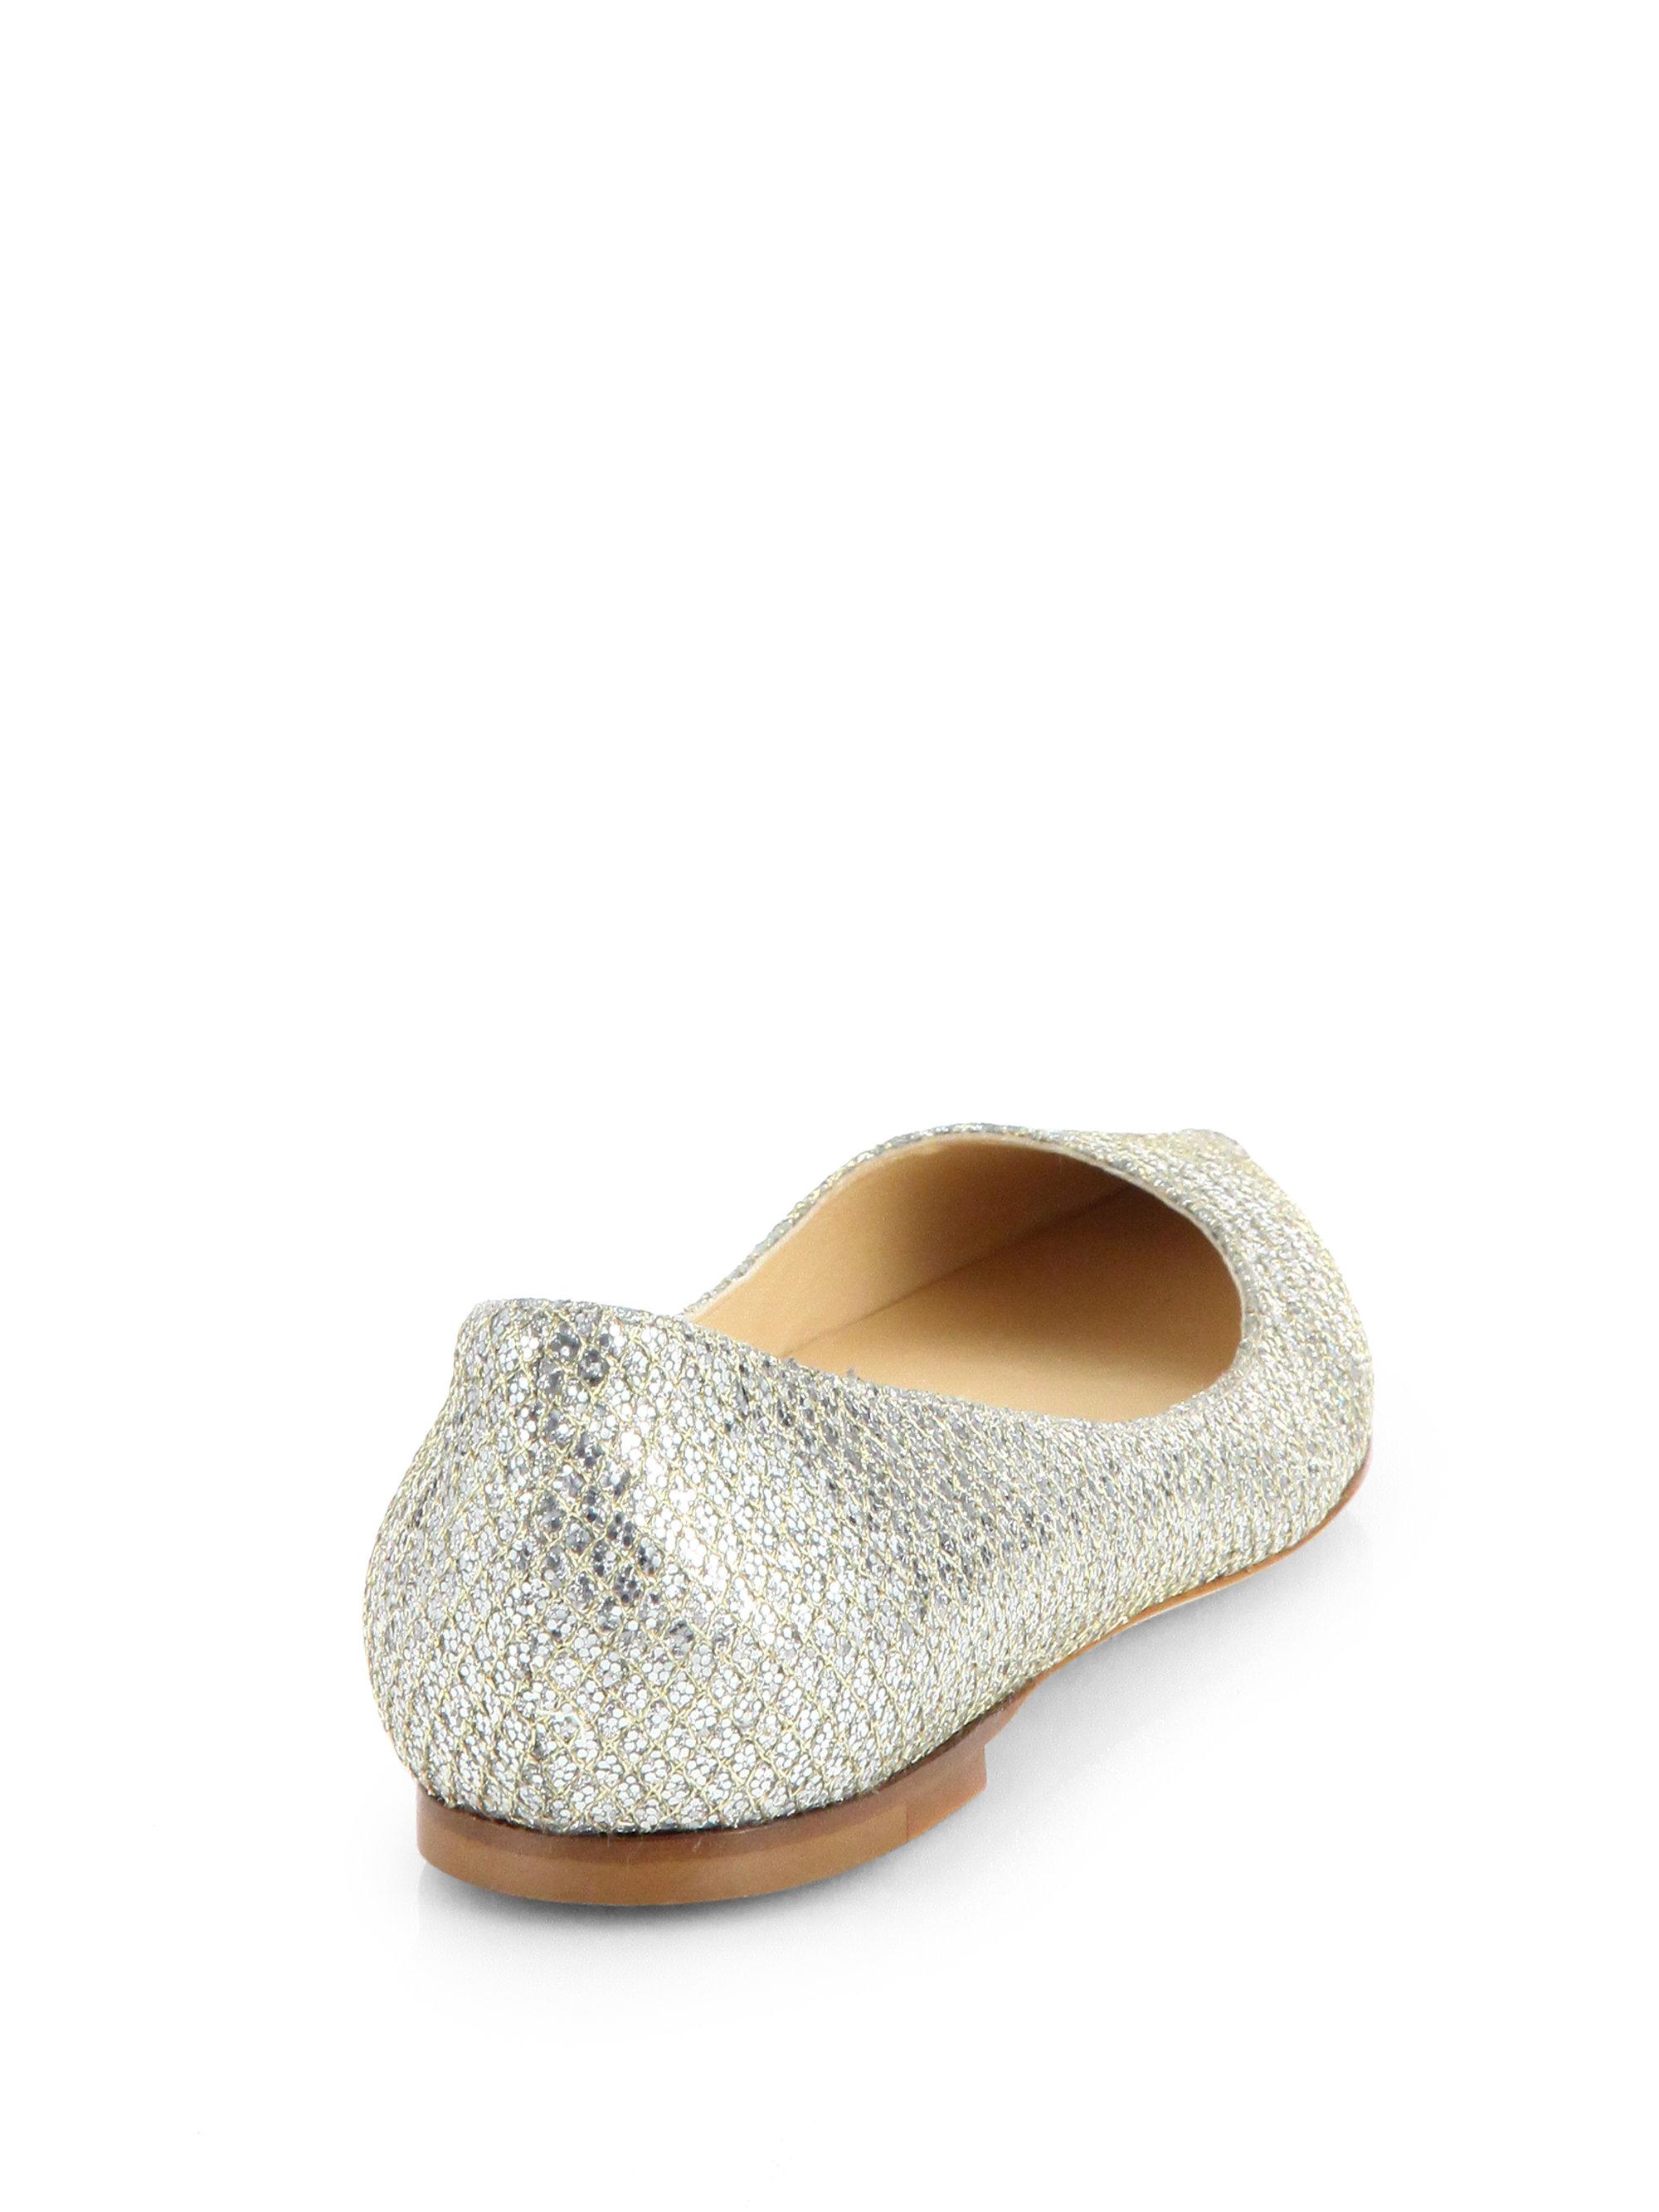 1c9f6216659b Lyst - Jimmy Choo Alina Glitter Point-toe Ballet Flats in Metallic